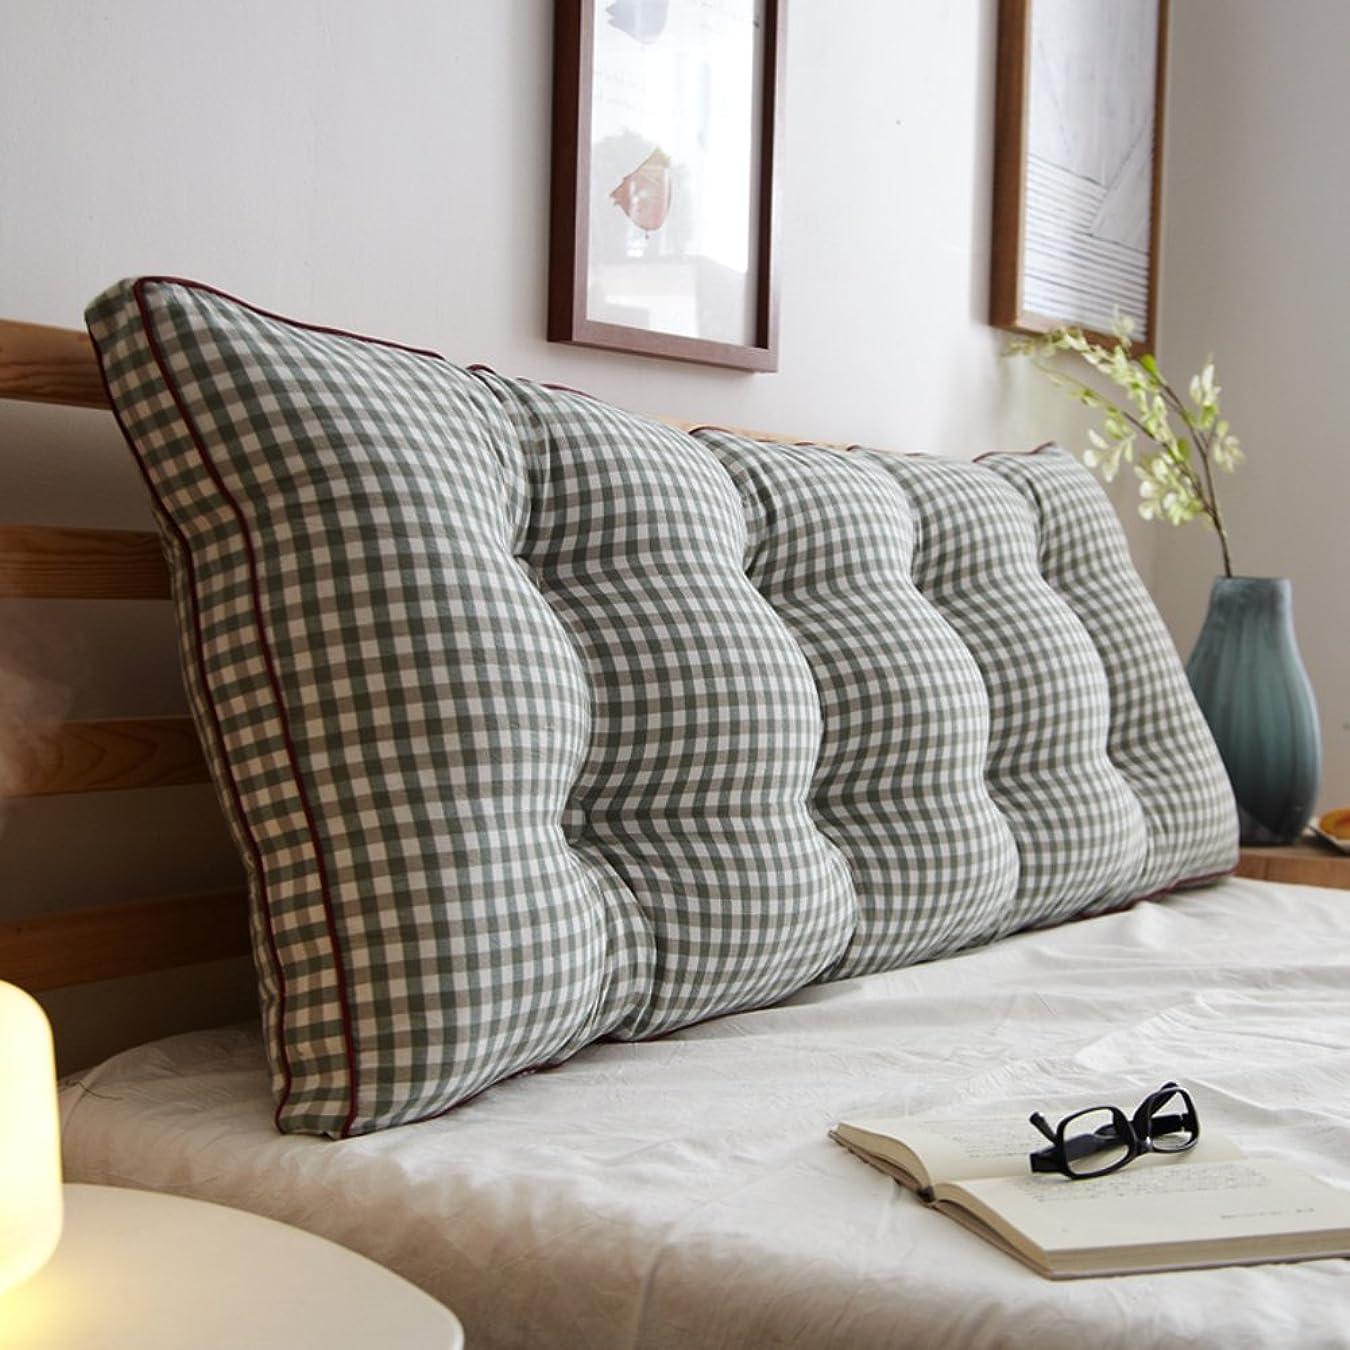 責めポルトガル語目に見える2J-QingYun Trade ベッドサイド三角ウェッジ、読書枕バッククッションマットソファクッション背もたれポジショニングサポート枕 (Color : T, サイズ : 180x20x50cm(71x8x20inch))